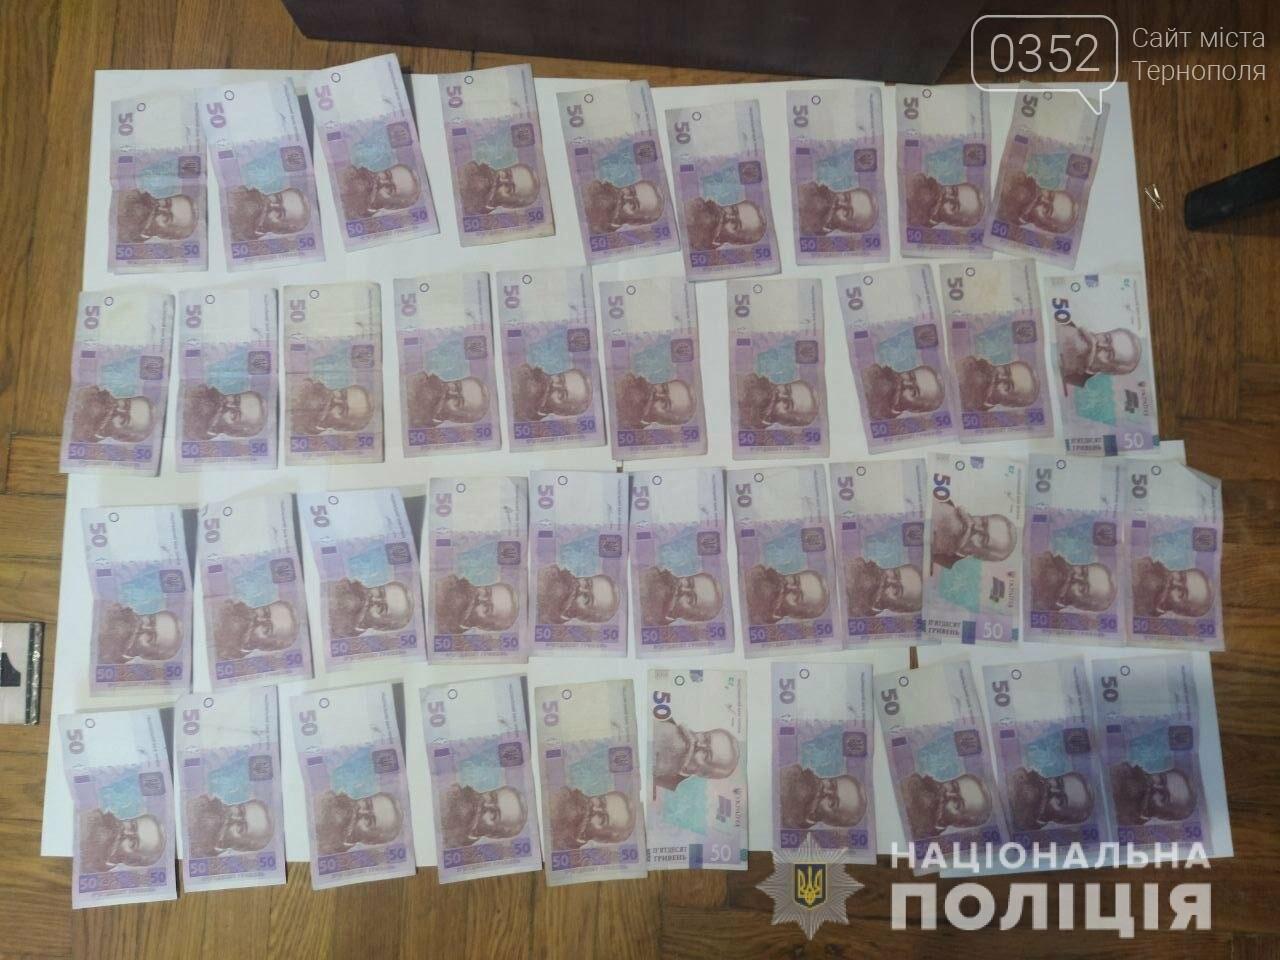 Злодіїв-гастролерів, що обкрадали квартири на Тернопільщині, затримали оперативники (ФОТО, ВІДЕО), фото-2